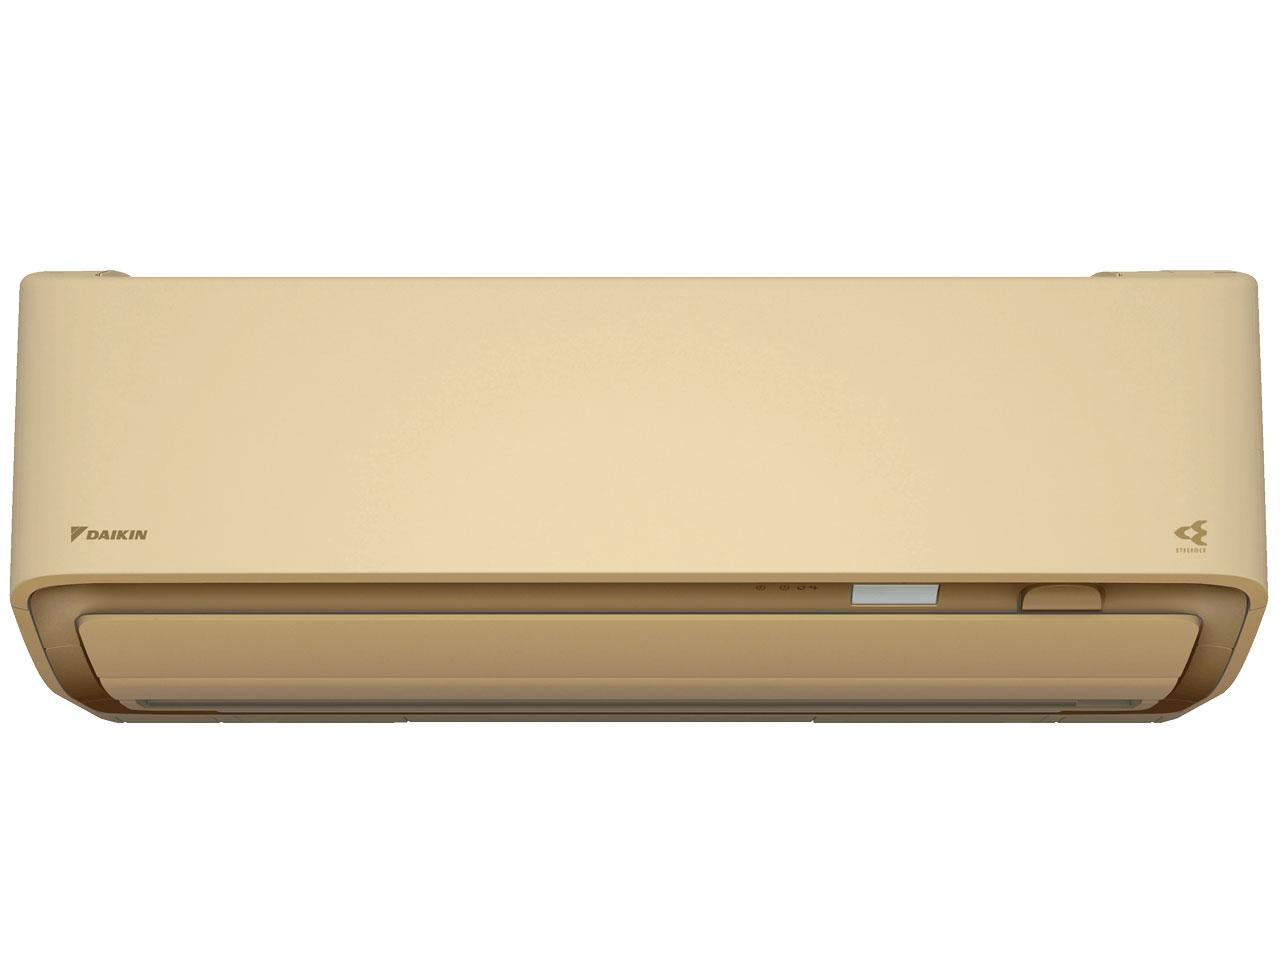 ダイキン 19年モデル AXシリーズ S63WTAXV-C 【200V用 電源直結型】20畳用冷暖房除湿エアコン